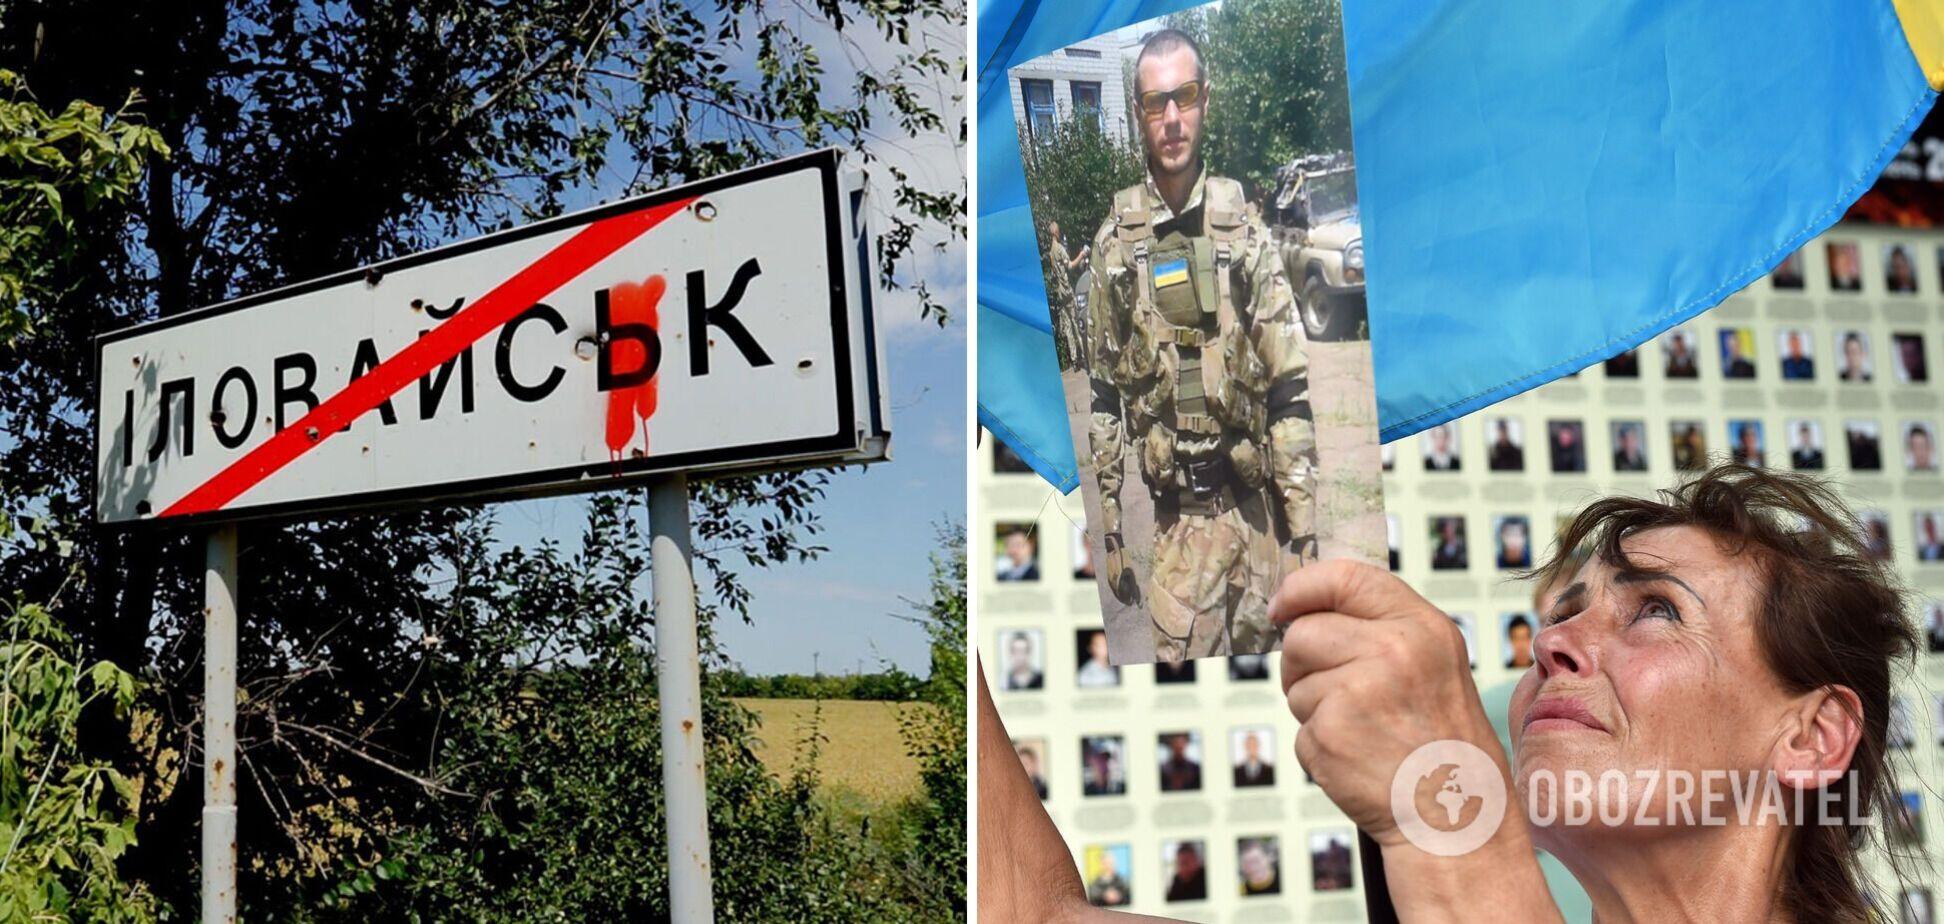 Семь лет Иловайской трагедии: как Украина потеряла 366 защитников в 'мирном' коридоре